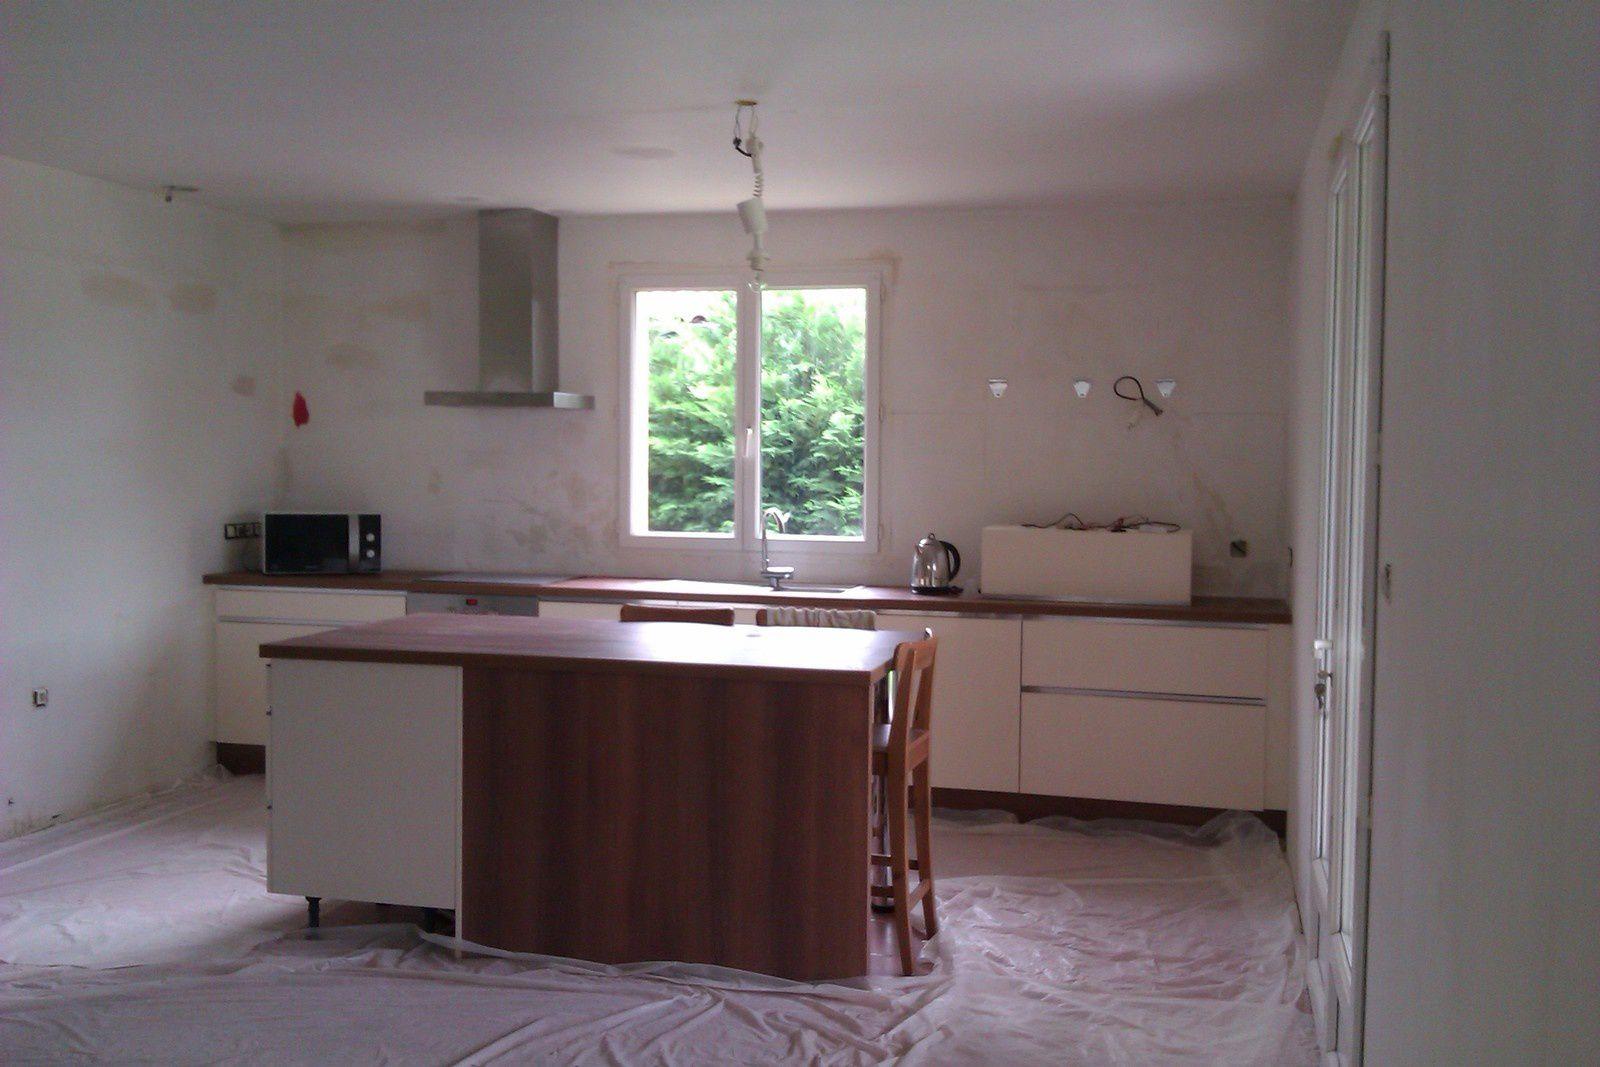 avant apr s nuances d co lot 46. Black Bedroom Furniture Sets. Home Design Ideas